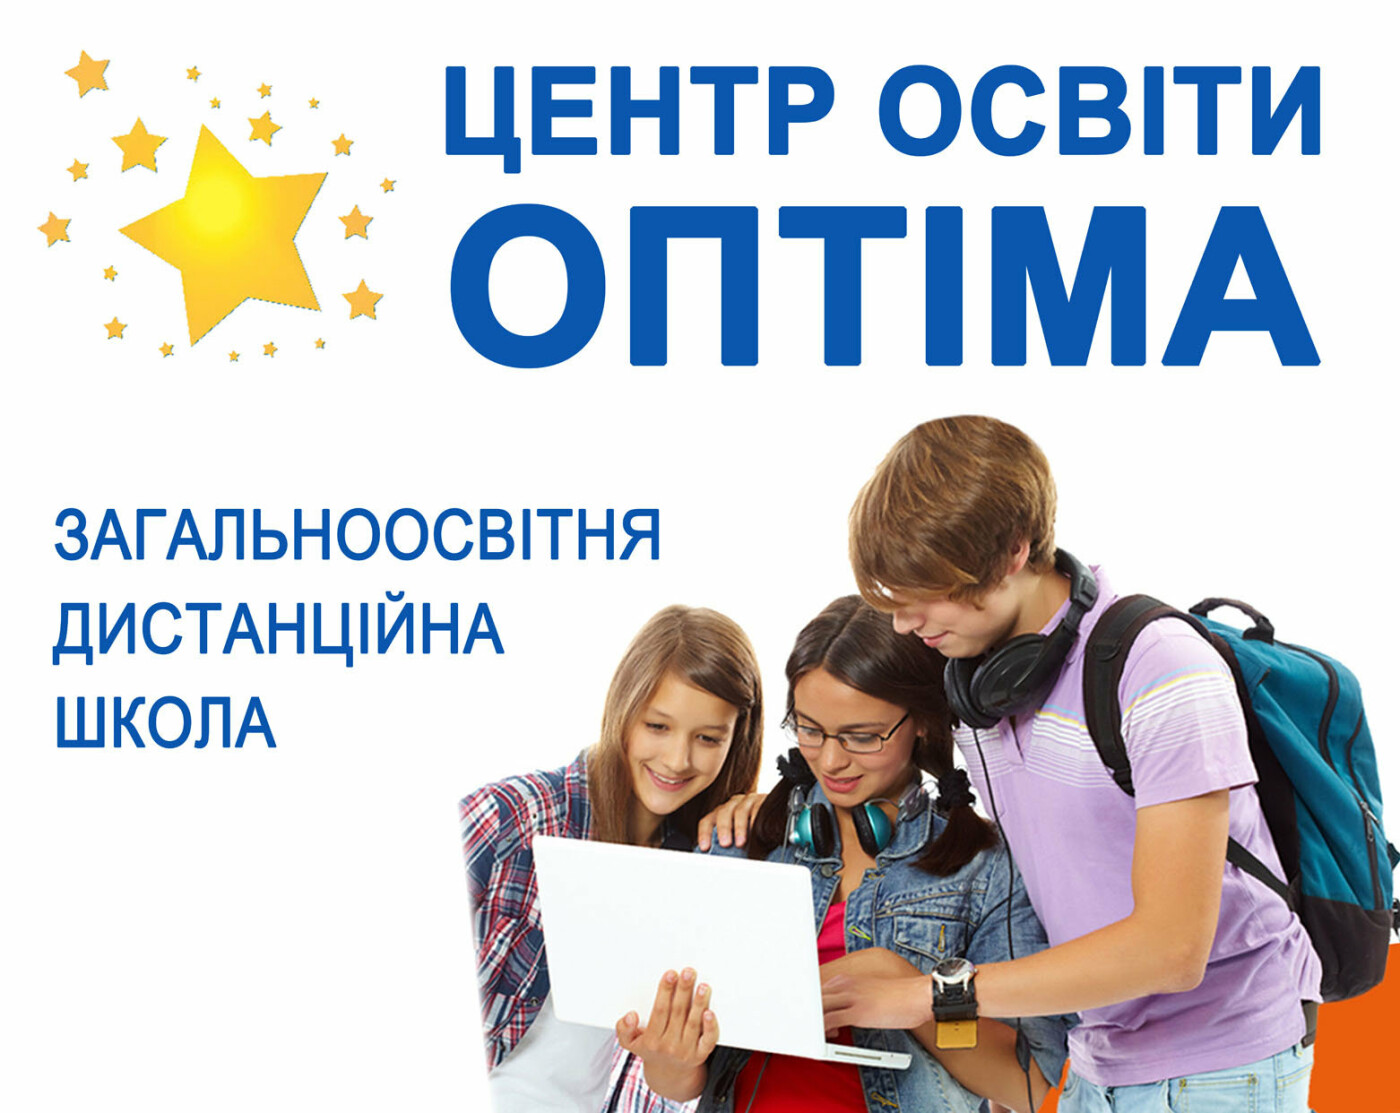 Дистанционные школы Краматорска, фото-1